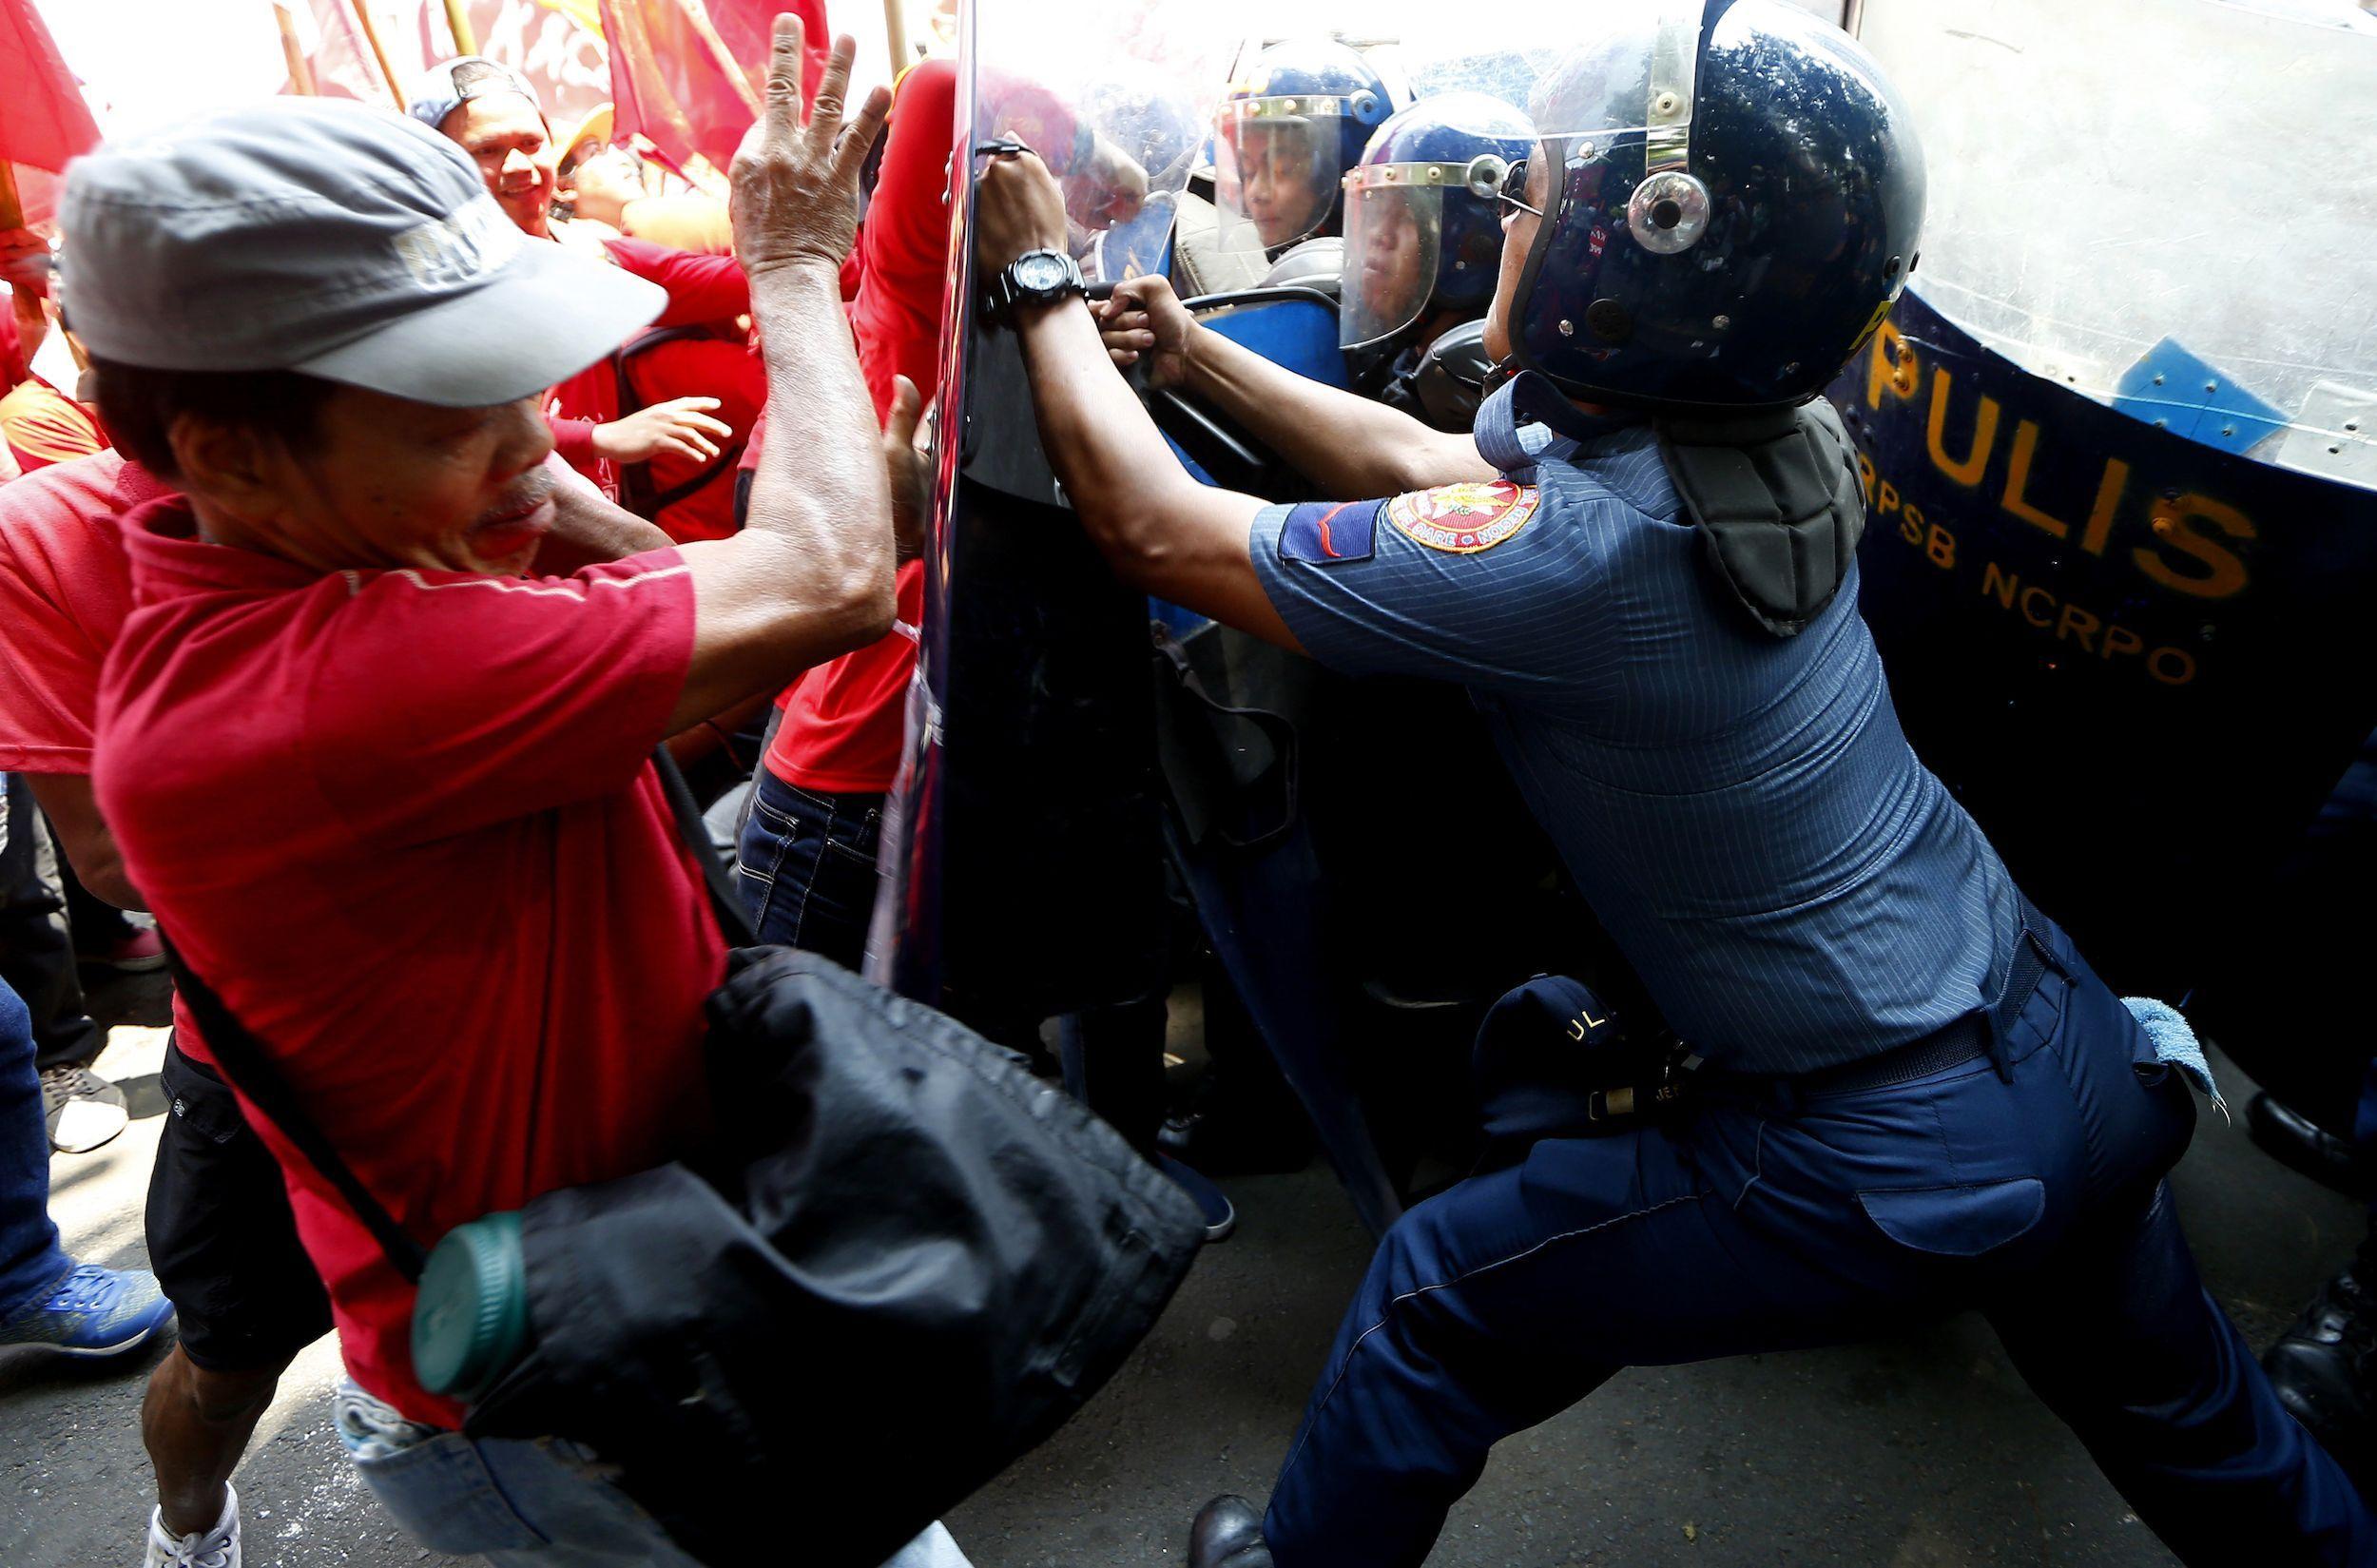 En Filipinas, los manifestantes se enfrentaron a la policía antidisturbios, mientras trataban de acercarse a la embajada de Estados Unidos en el país, durante las protestas del 1 de mayo.